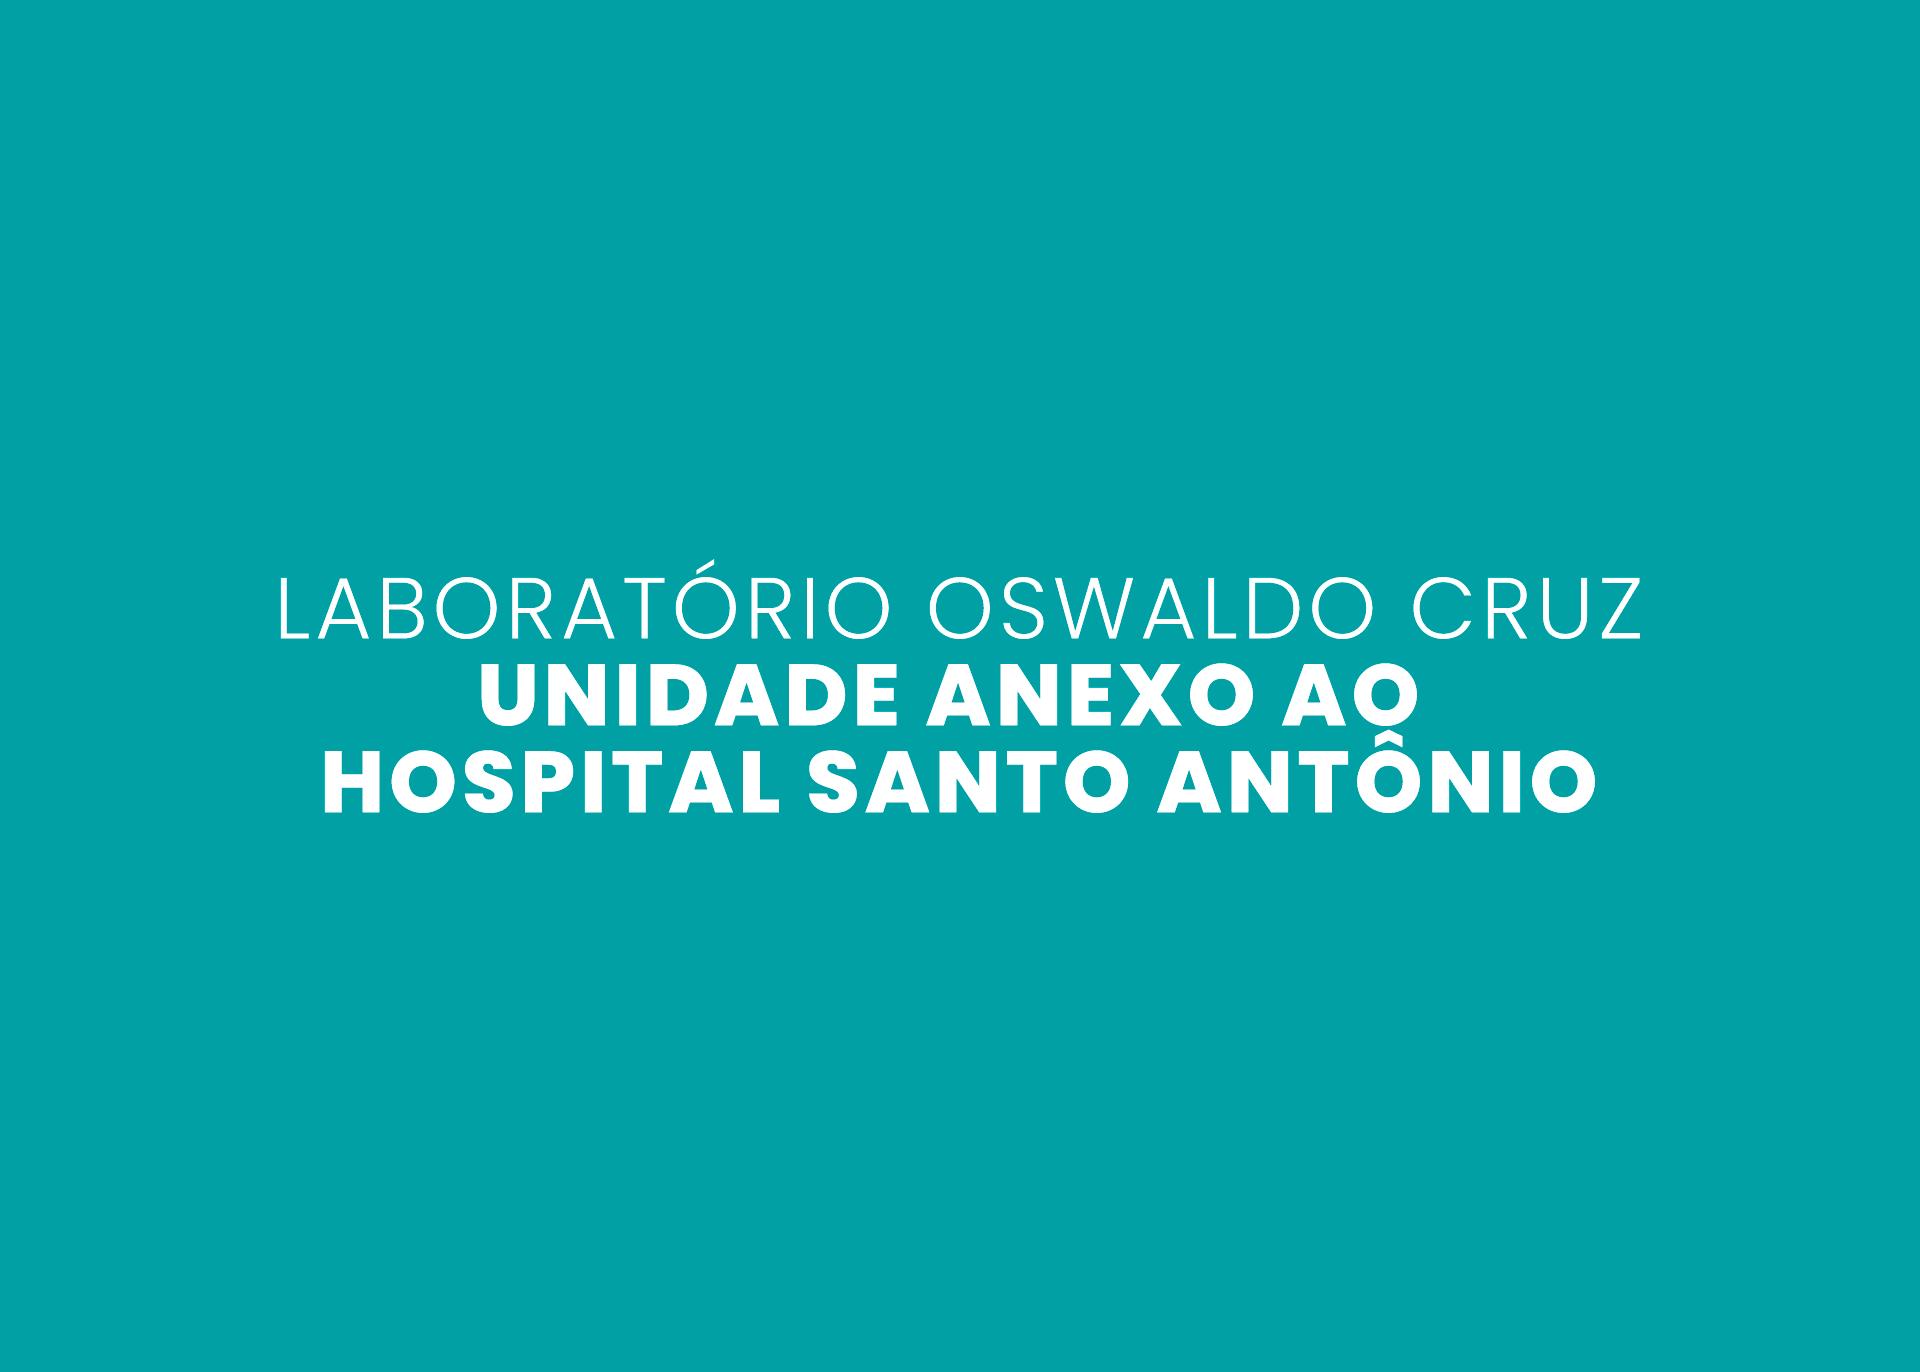 Laboratório Oswaldo Cruz - Unidade Anexo ao Hospital Santo Antônio